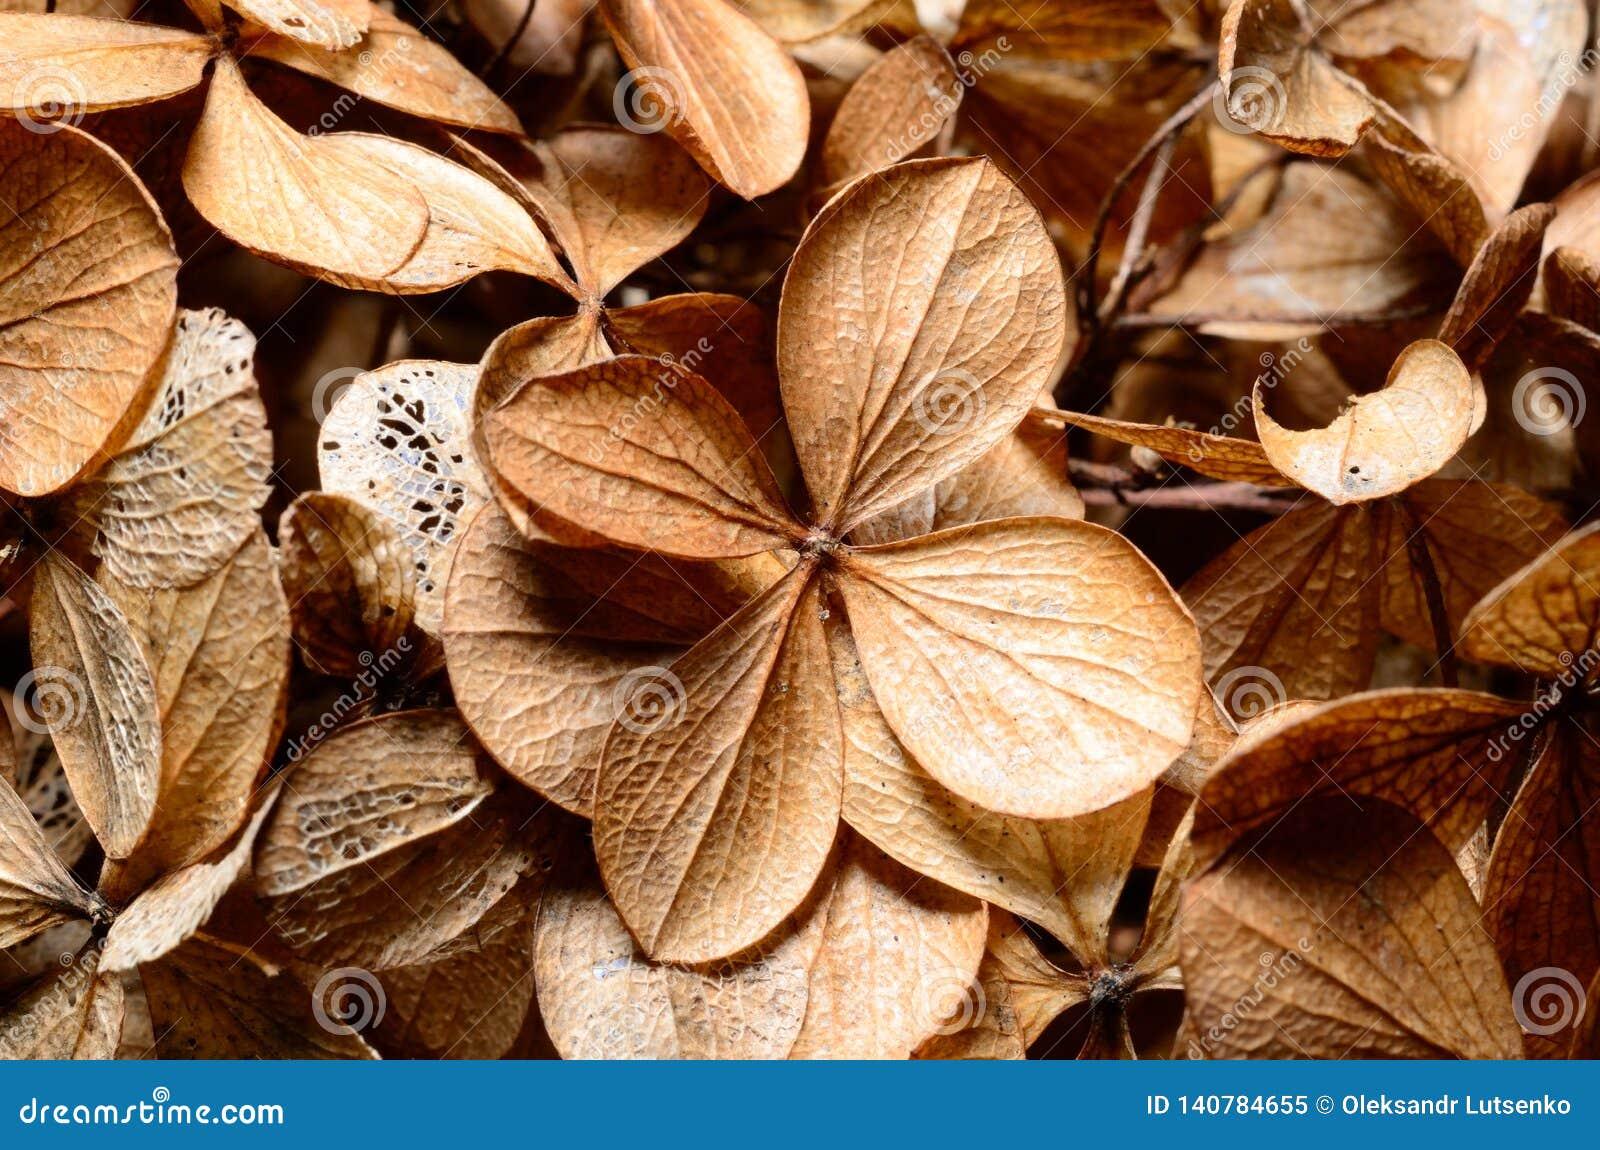 Dead hydrangea flowers